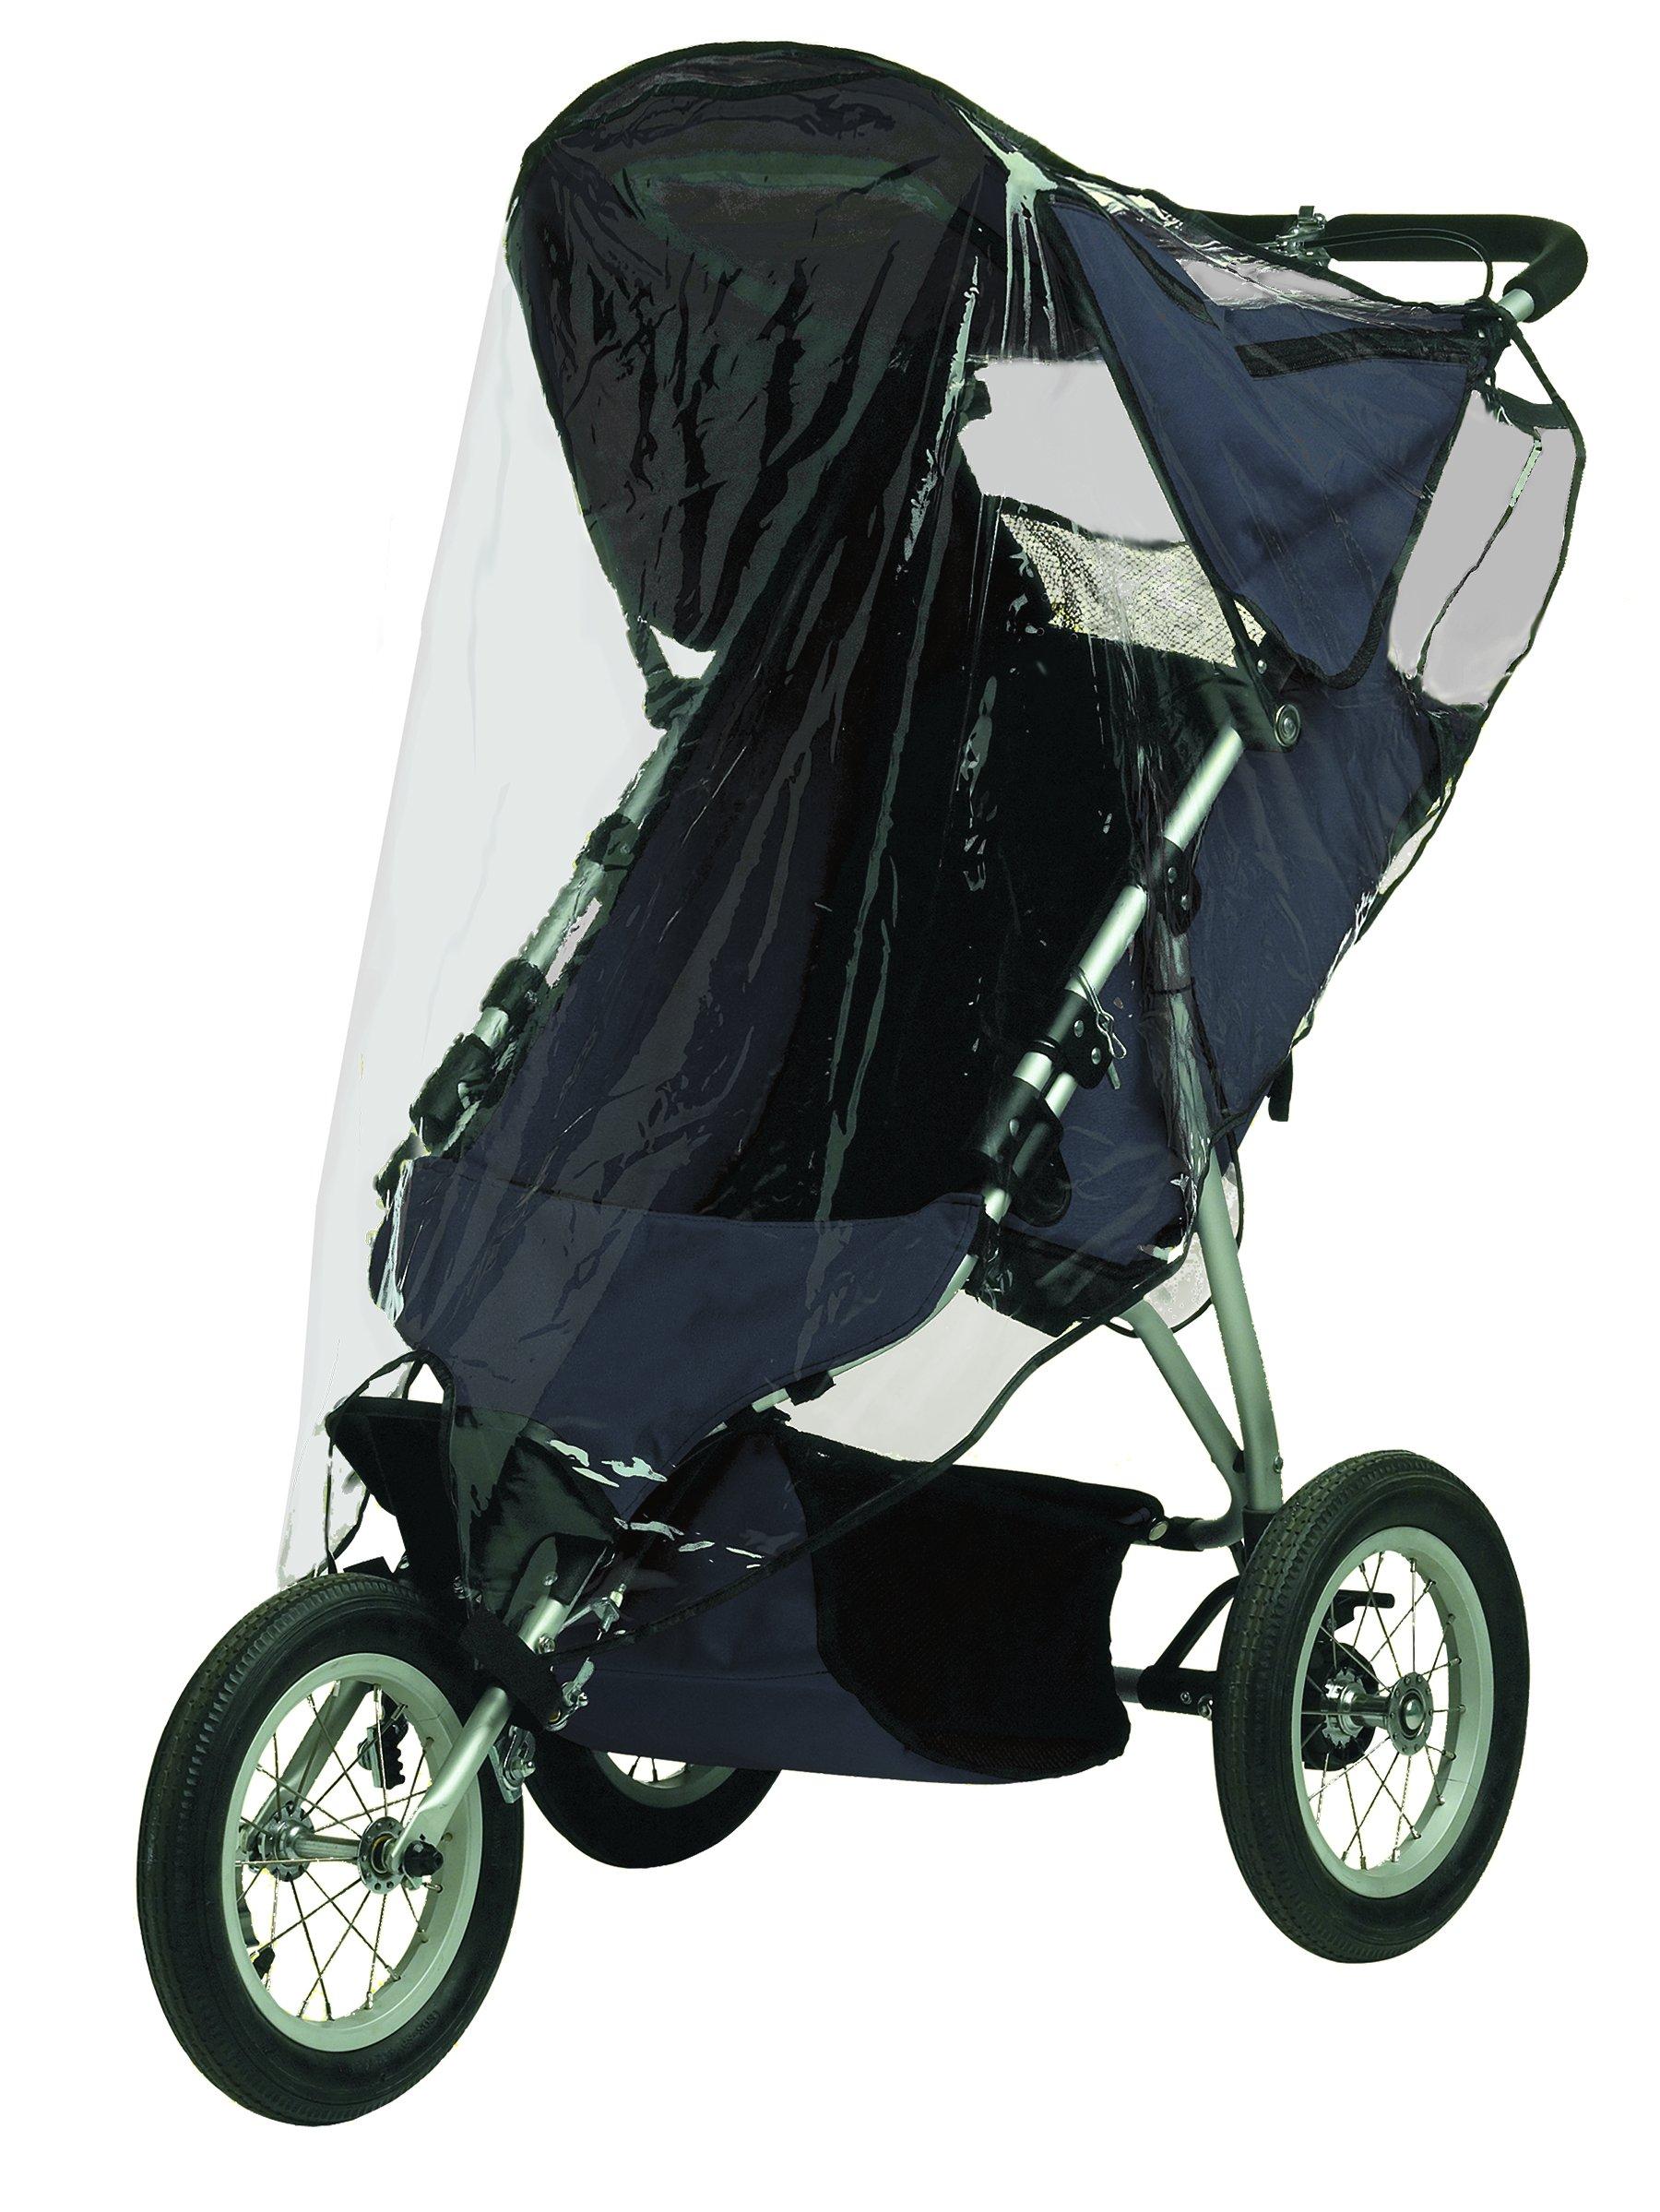 Jolly Jumper Single Jogging Stroller Weathershield by Jolly Jumper